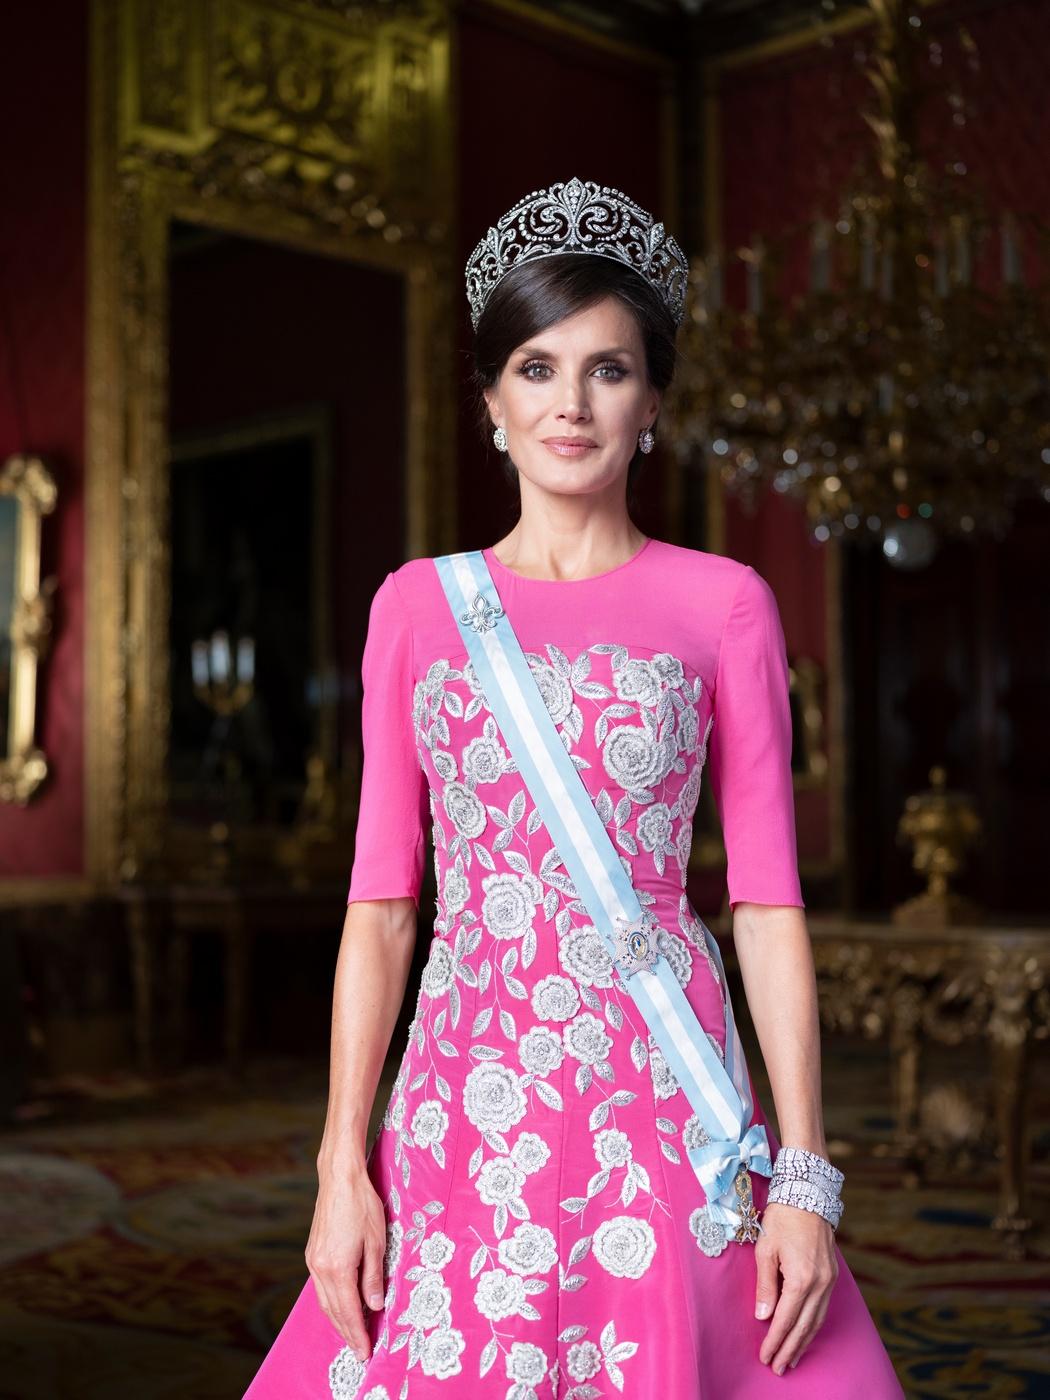 Así es el nuevo álbum real: los retratos oficiales de los reyes Felipe y Letizia junto a sus hijas